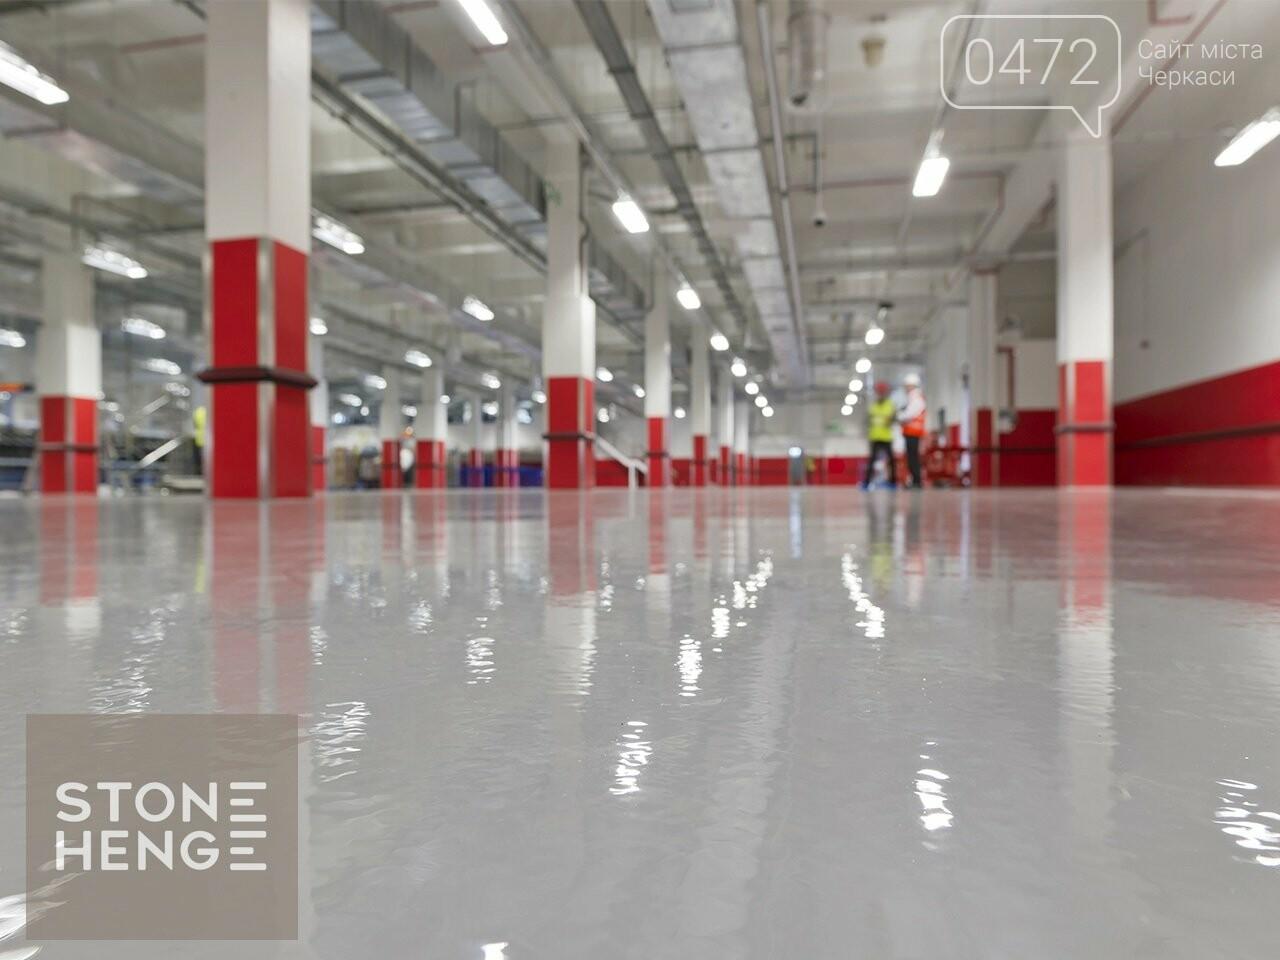 Довговічні полімерні наливні підлоги у м. Черкасах. Гарантія якості! Приємні ціни, фото-2